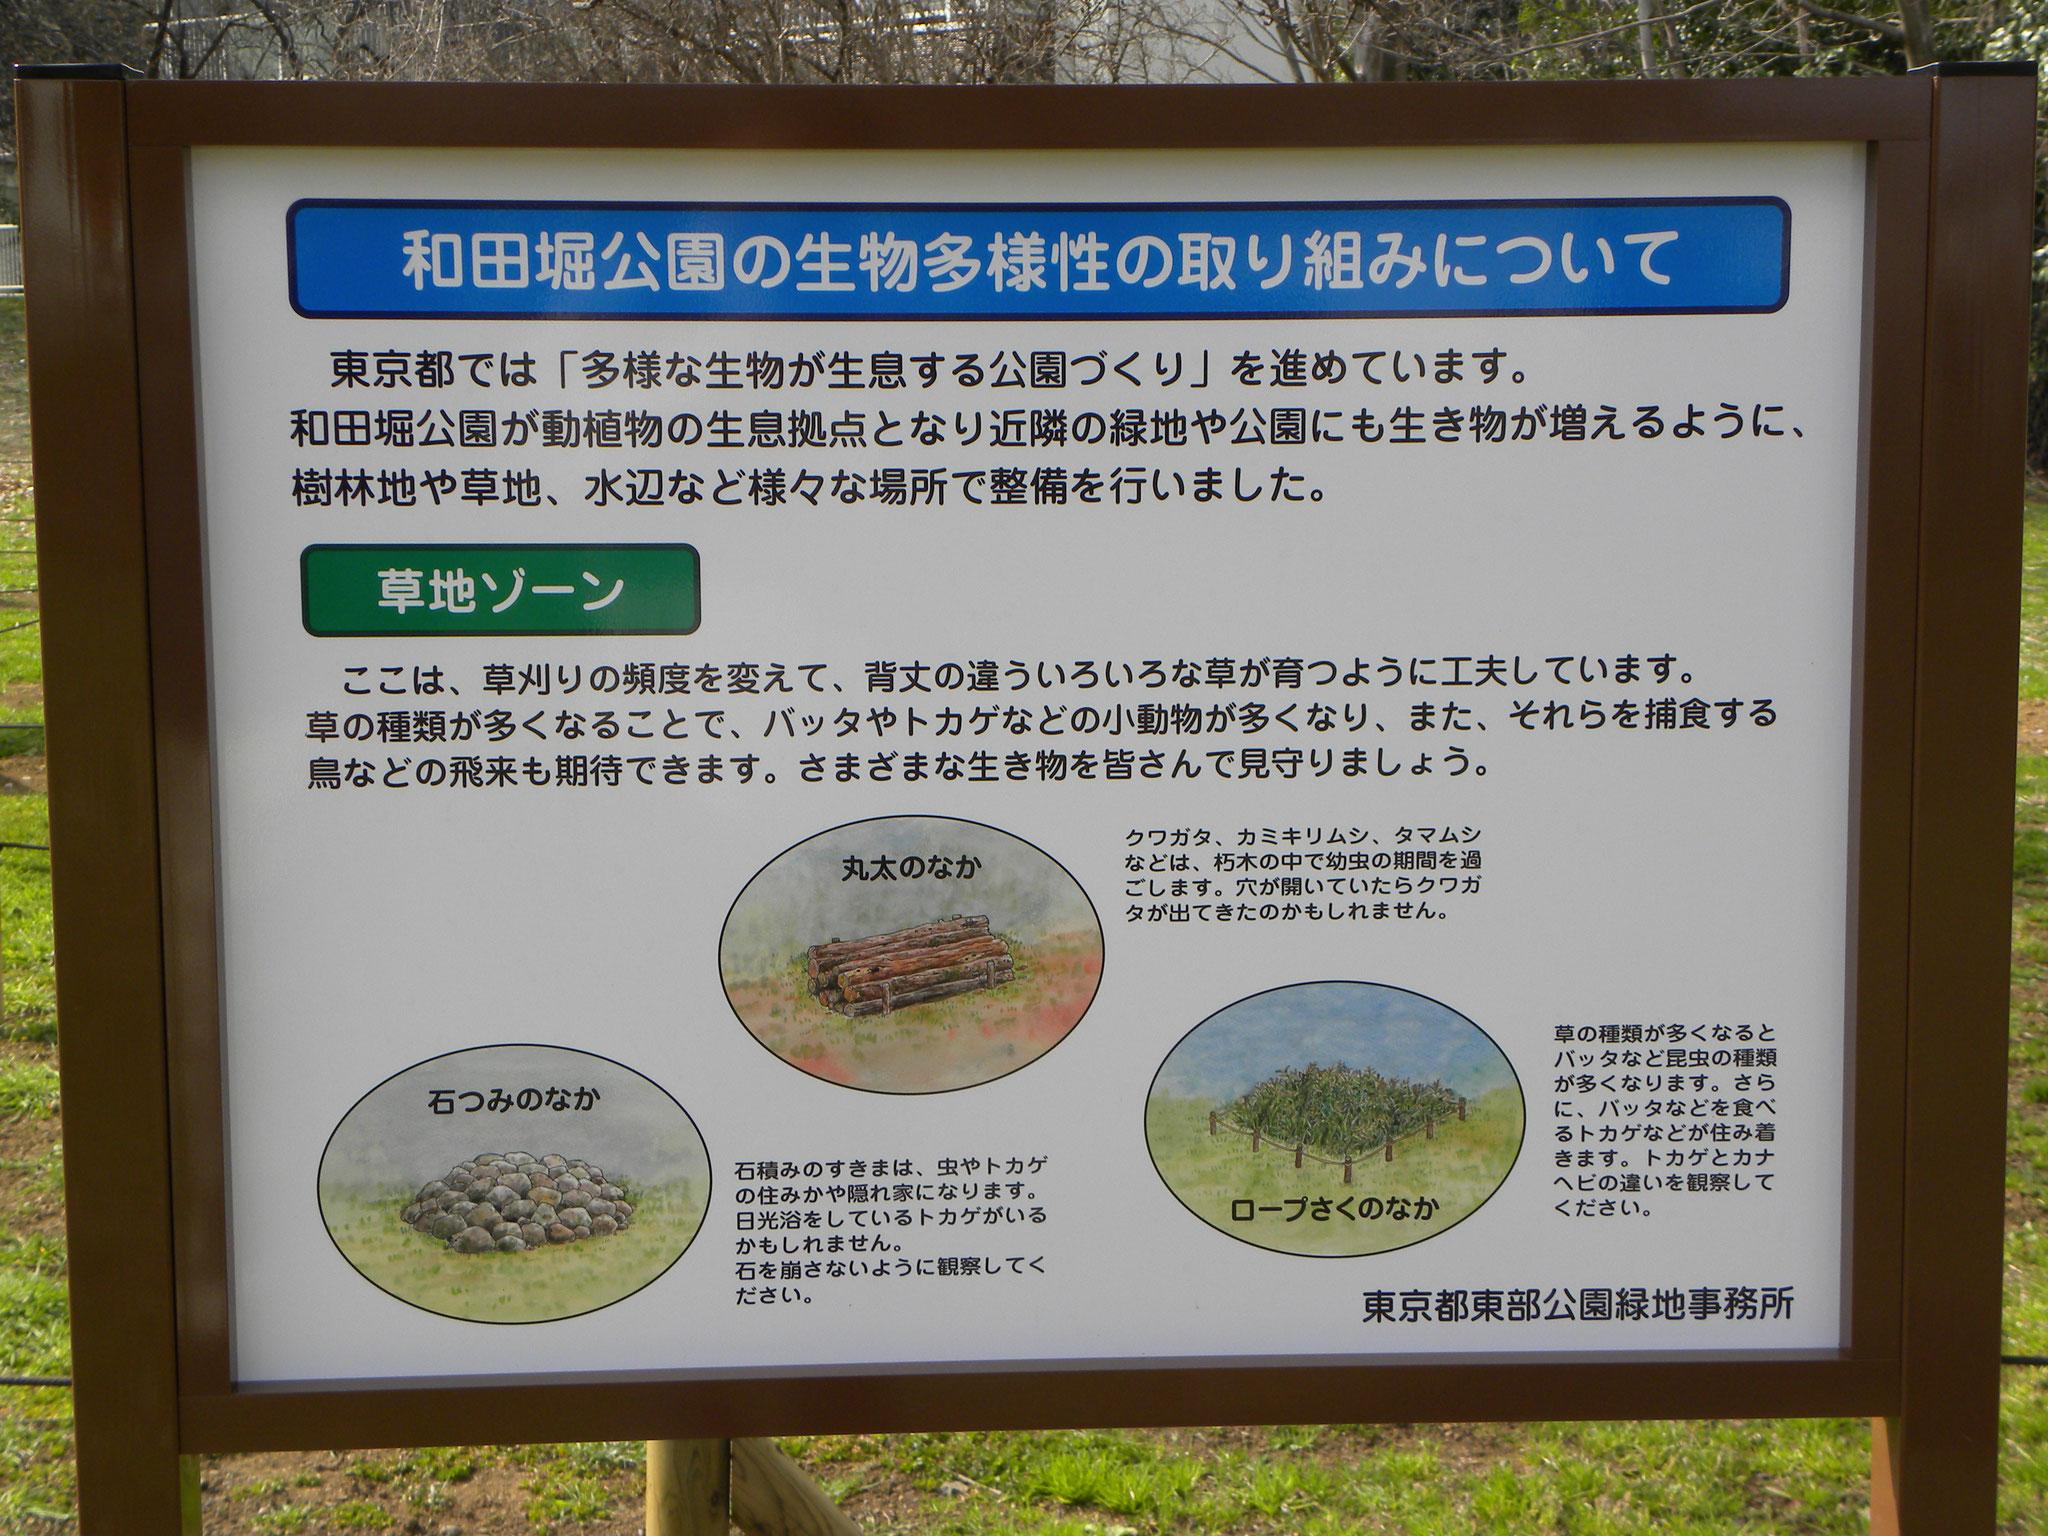 和田堀公園 看板(生物多様性)